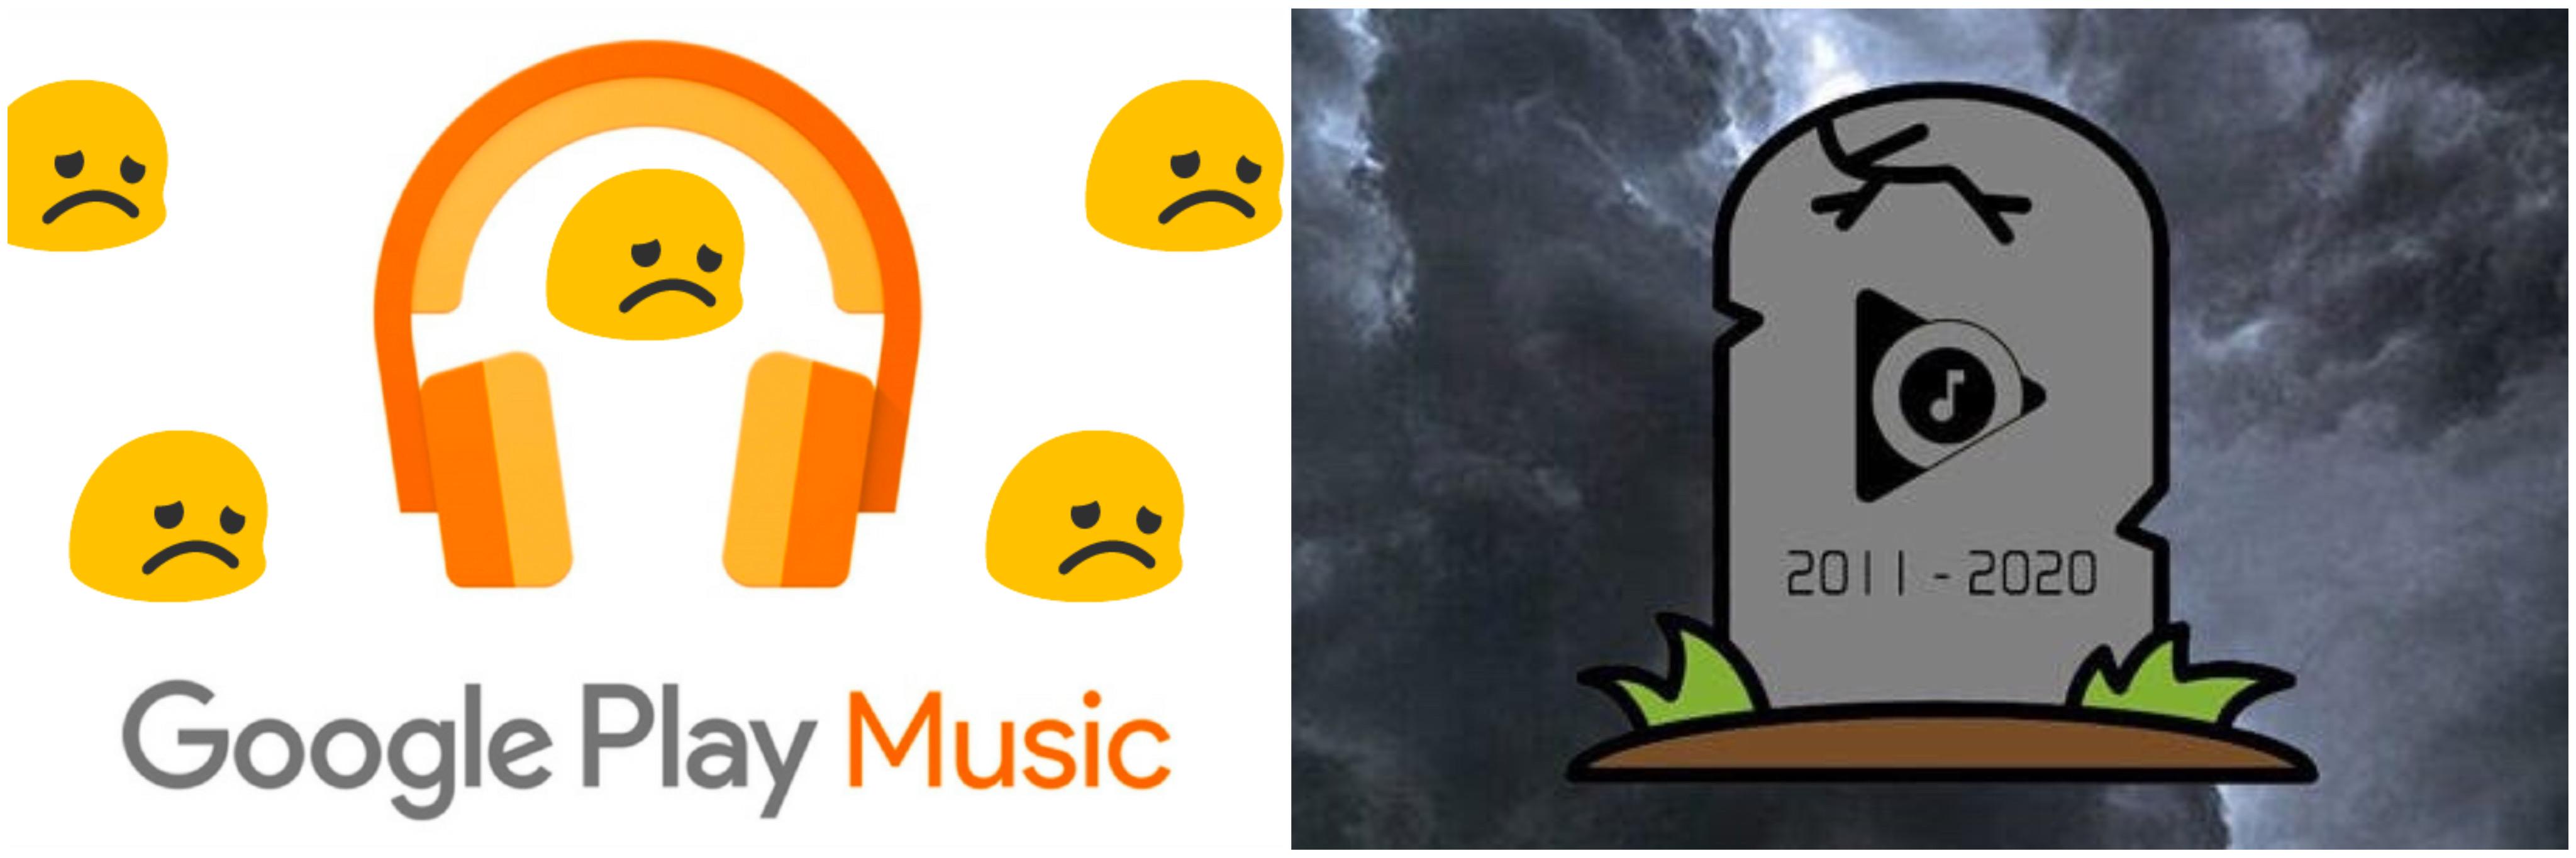 ចាប់ពីពេលនេះទៅ កម្មវិធី Google Play Music ត្រូវបានបិទដំណើរការជារៀងរហូតហើយ